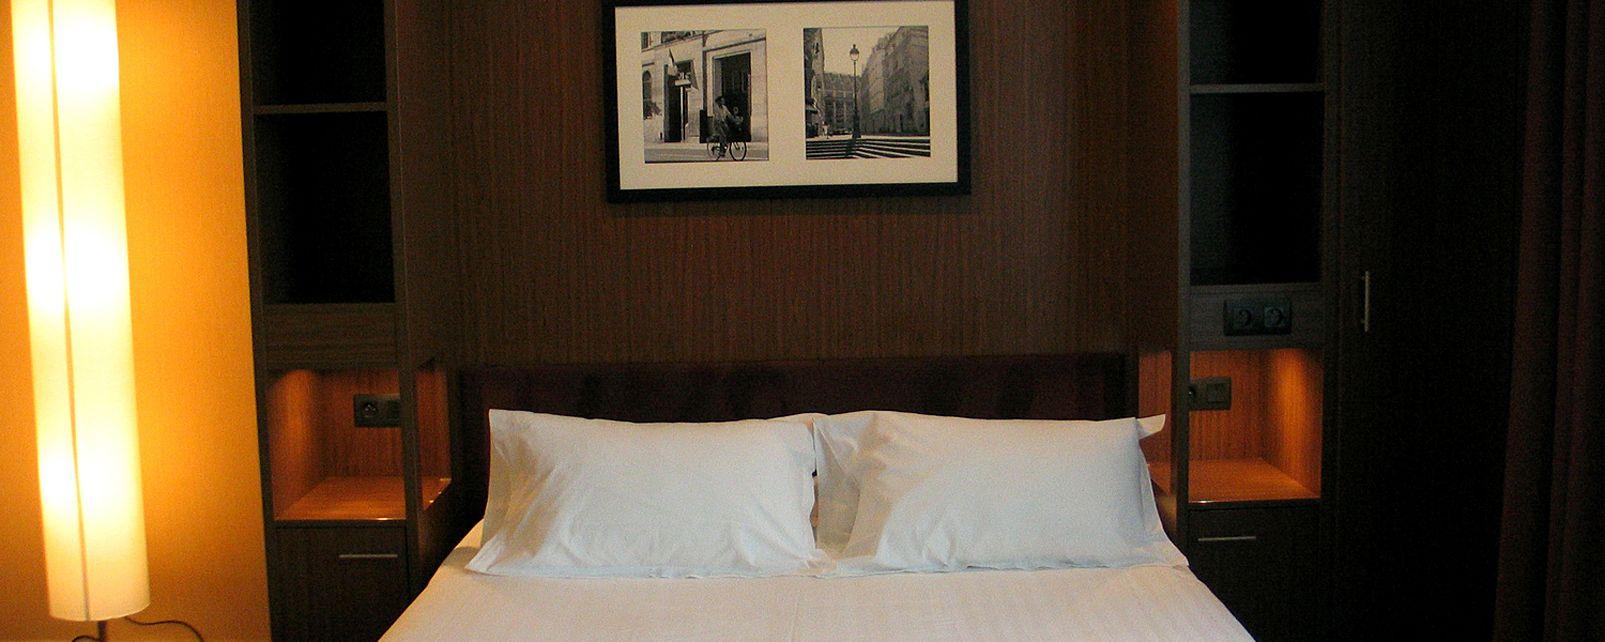 Hotel Citadines St Germain Des Pres Apart Hotel Paris